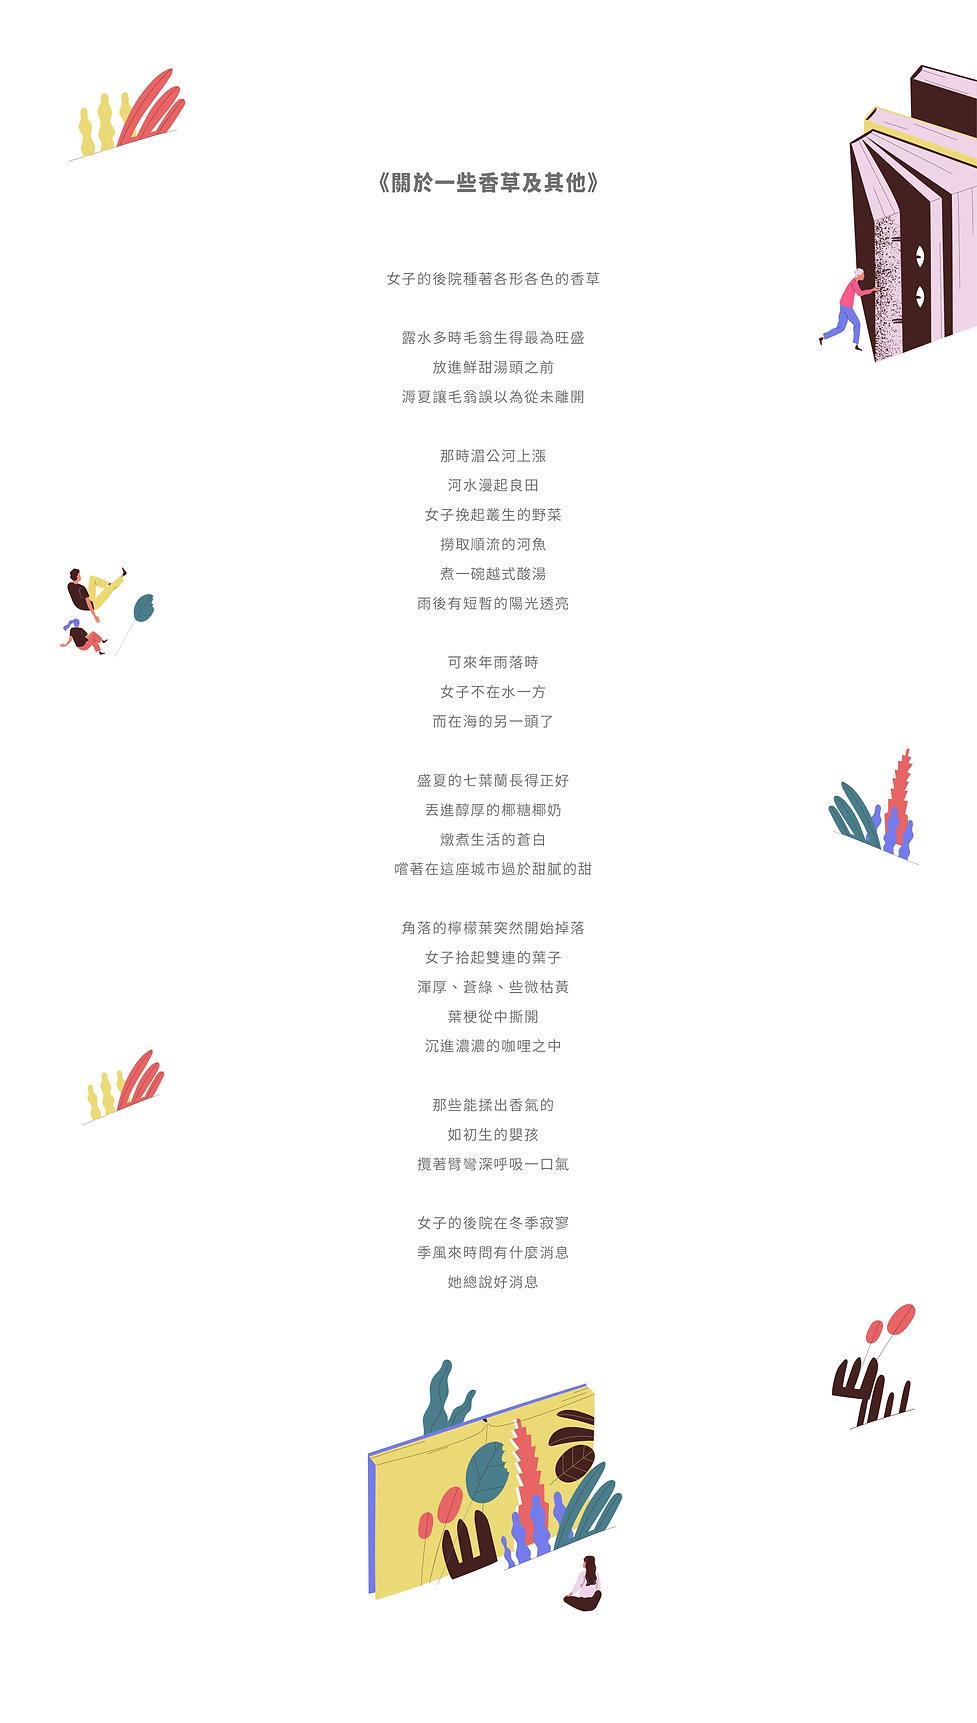 入圍作品_詩文組_首獎.jpg